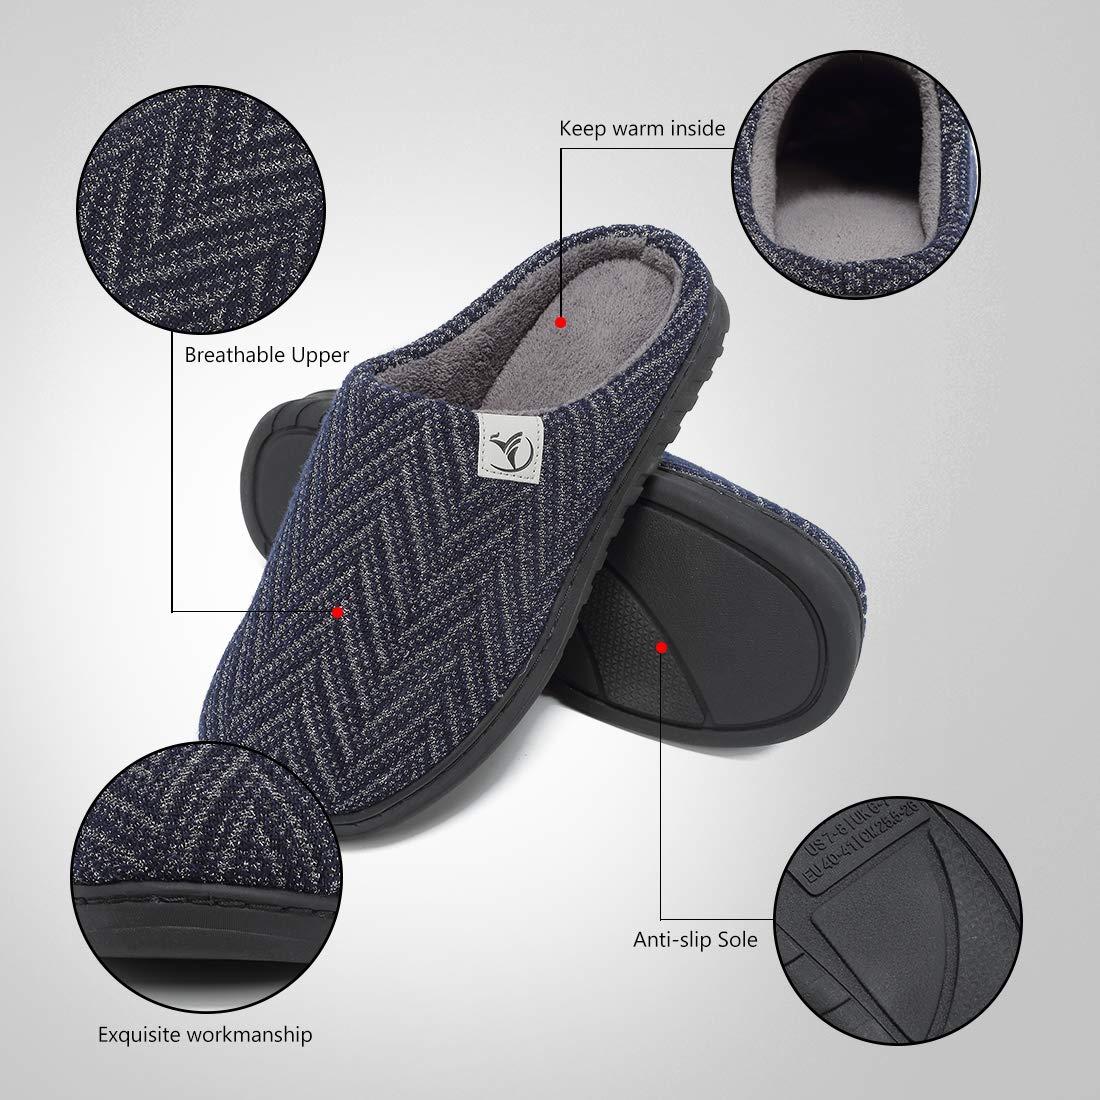 Deevike Hommes Chaussons Pantoufles Maison Gar/çon Adult Chaussons en Coton Peluche dhiver Chaud Chaussures Anti-Slip Confortable Pantoufles